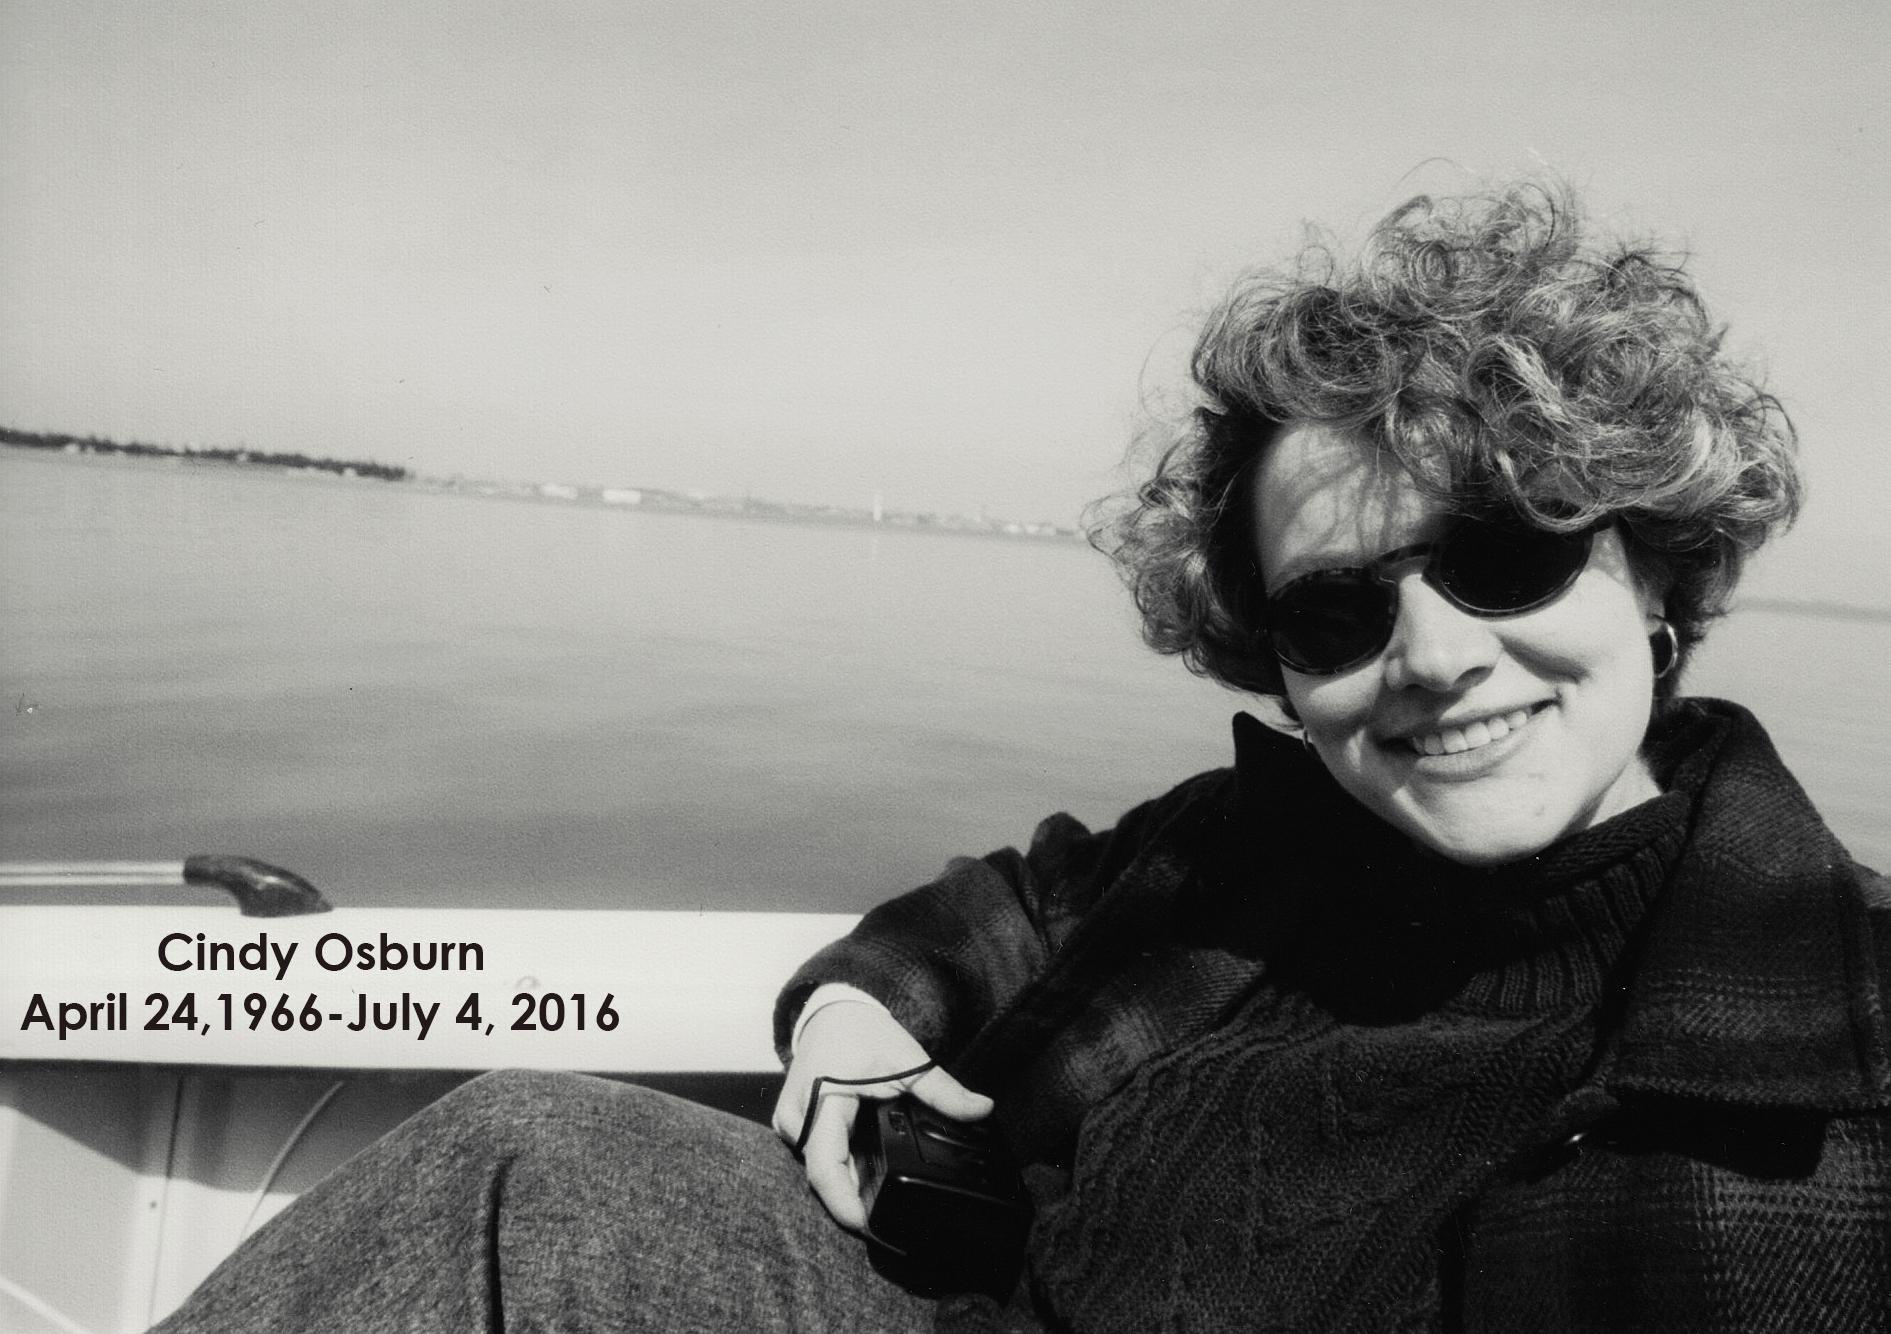 Cindy Osburn